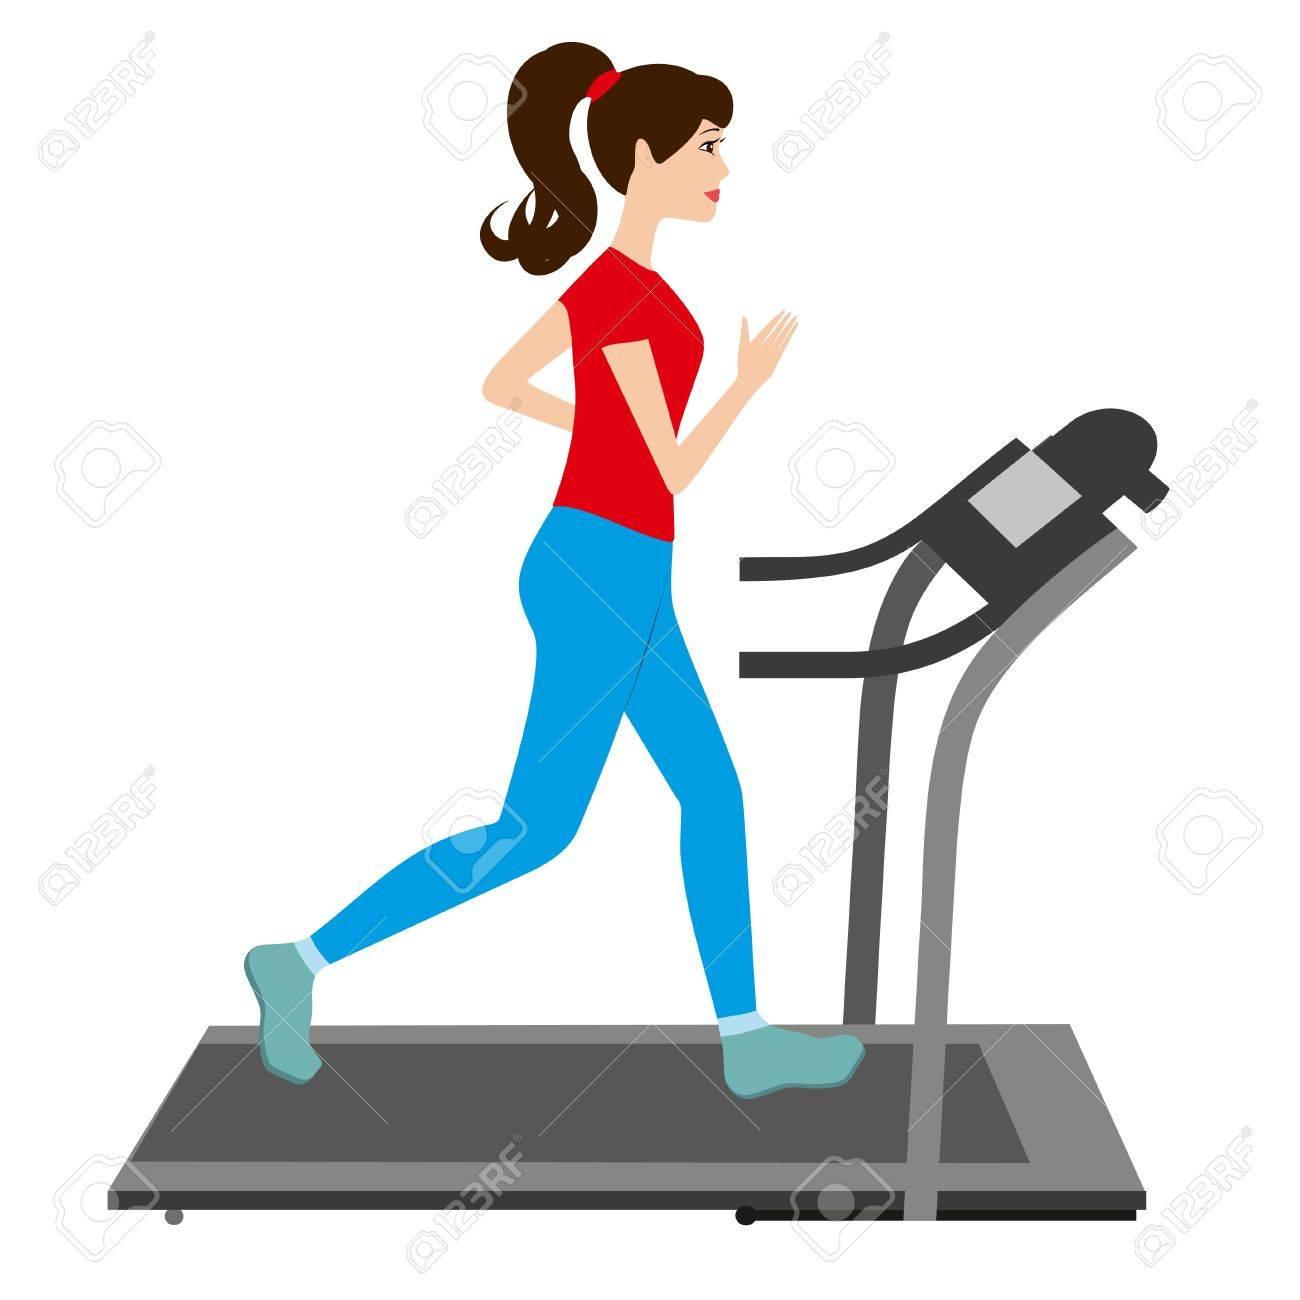 banque dimages jeune femme court sur un tapis roulant entraneur sportif jeune fille tapis roulant courir illustration vectorielle - Tapis Roulant